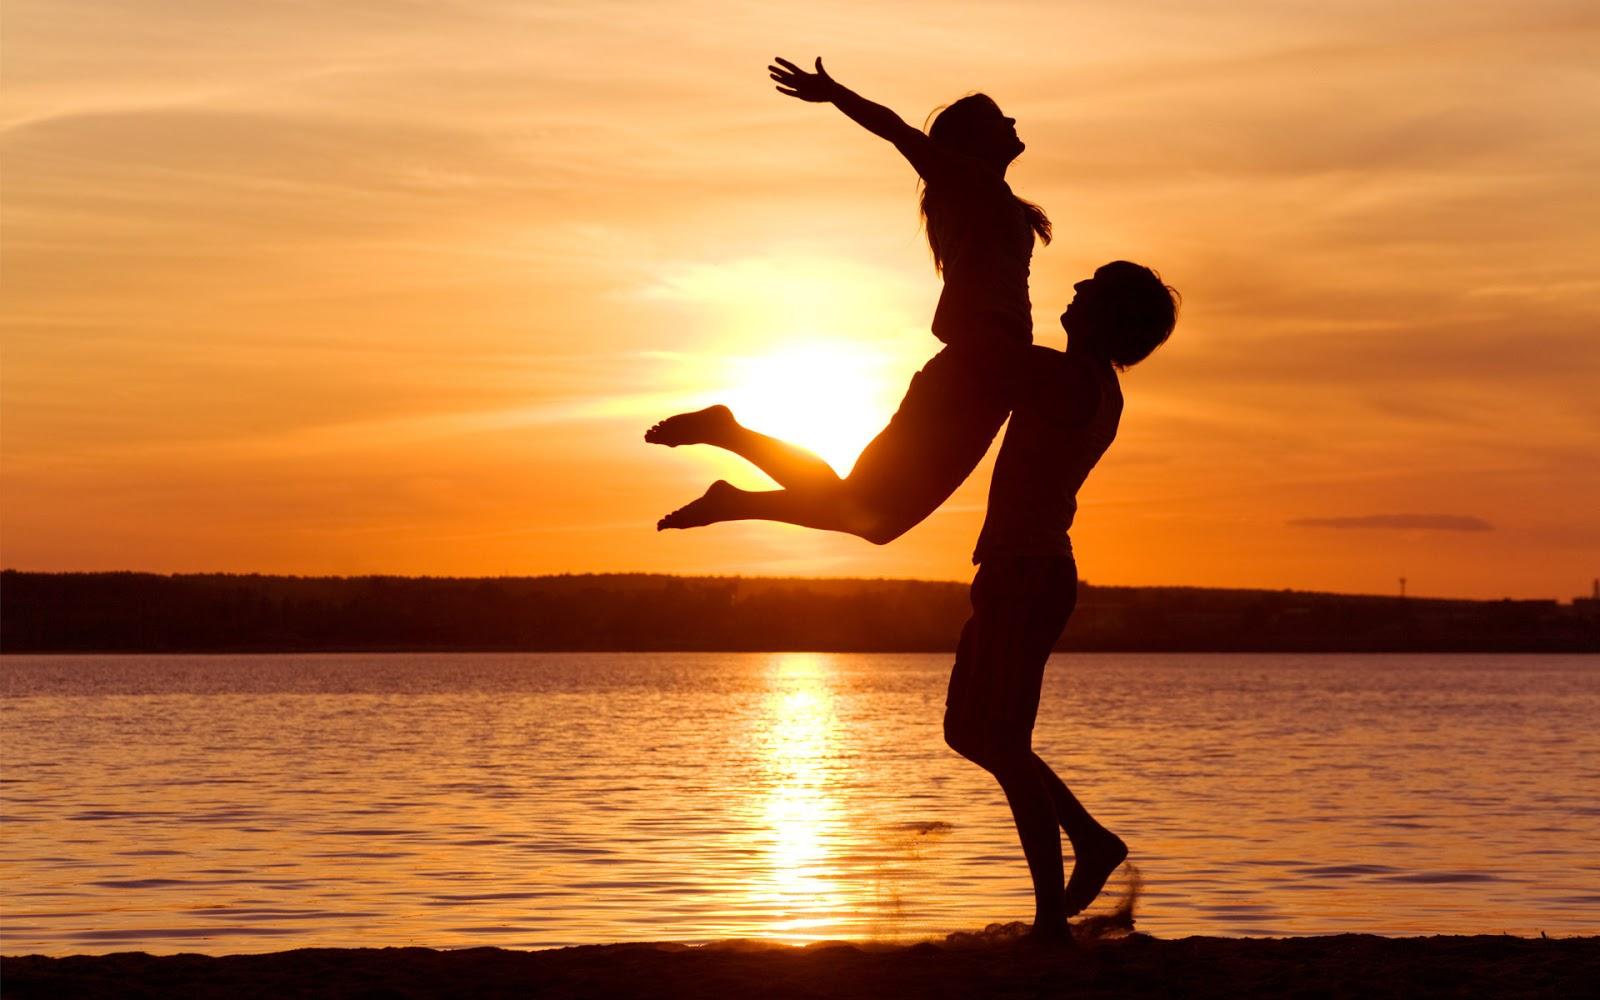 بالصور قصص حب رومانسية جريئة , الحب الرومانسي الملحمي و جراته 1066 3